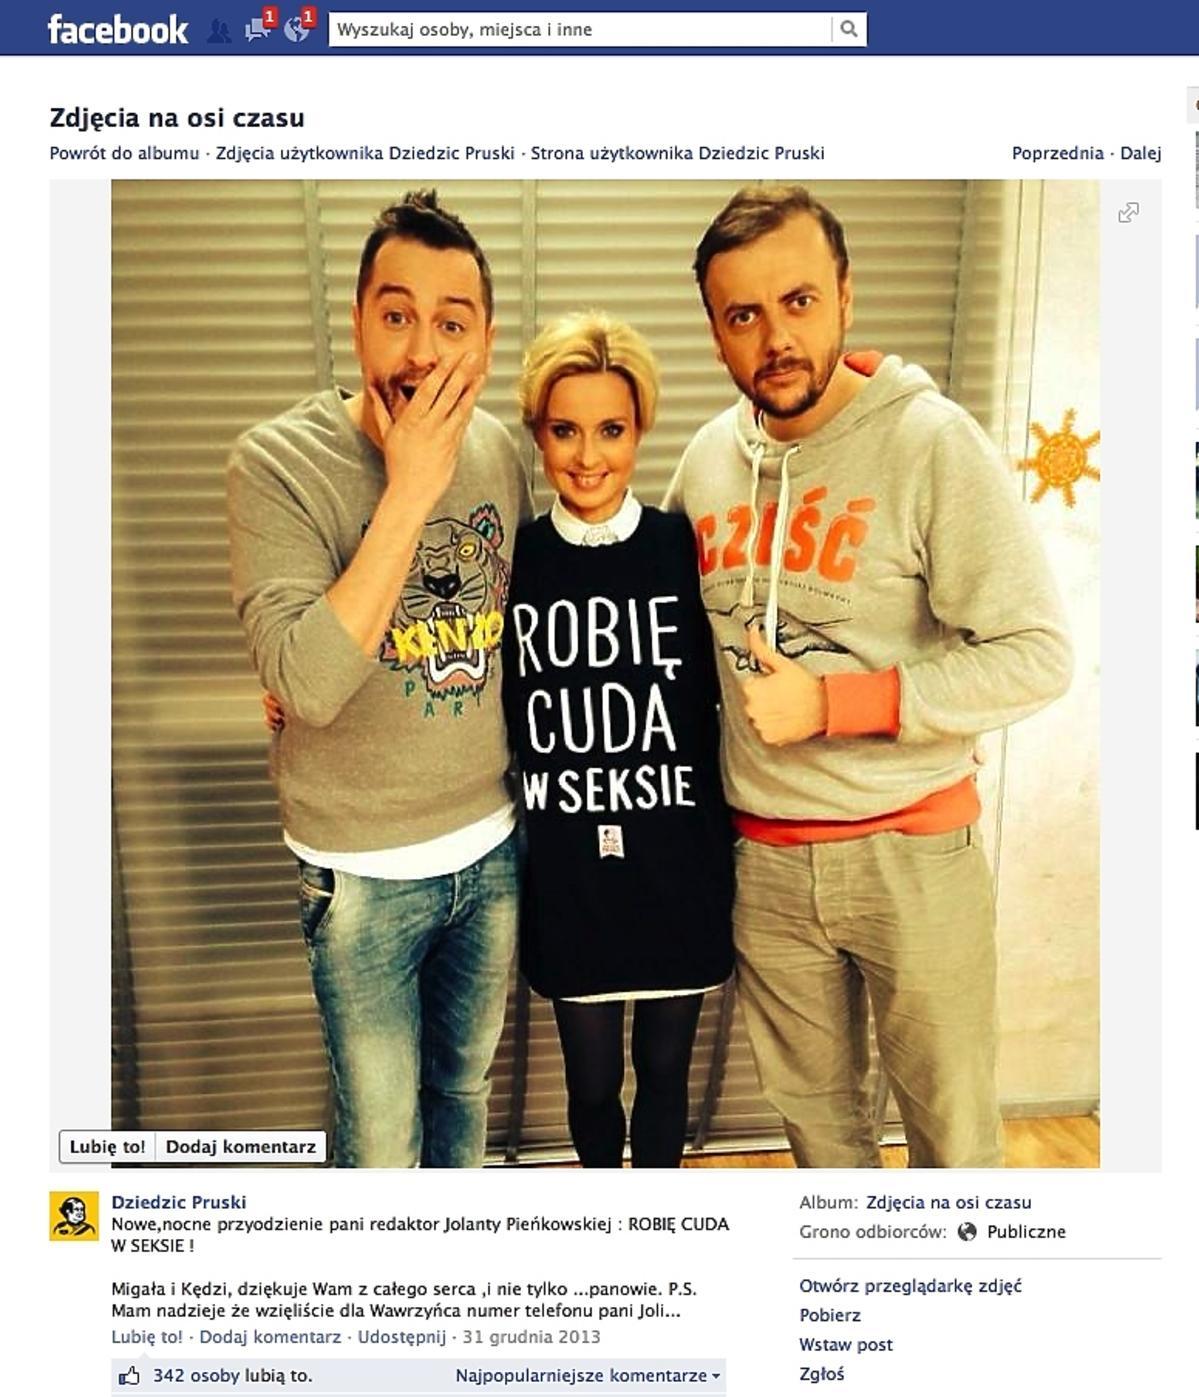 Jola Pieńkowska w koszulce Robię cuda w seksie